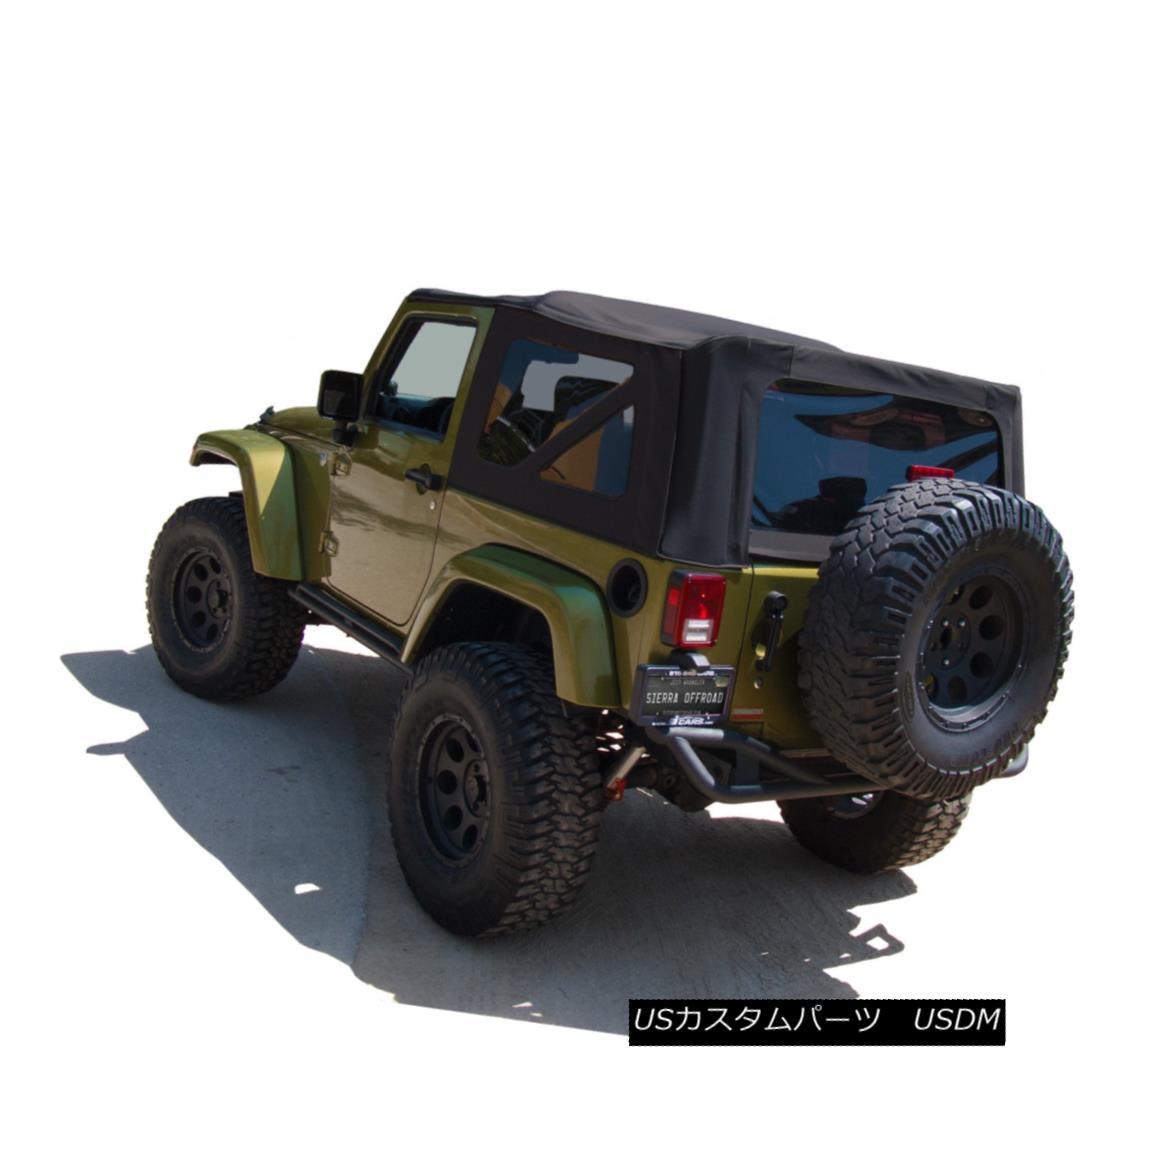 幌・ソフトトップ Jeep Wrangler JK Soft Top, 2010-17, Tinted Windows, Black Twill ジープ・ラングラーJKソフト・トップ、2010年?17年、ティンテッド・ウインドウズ、ブラック・ツイル